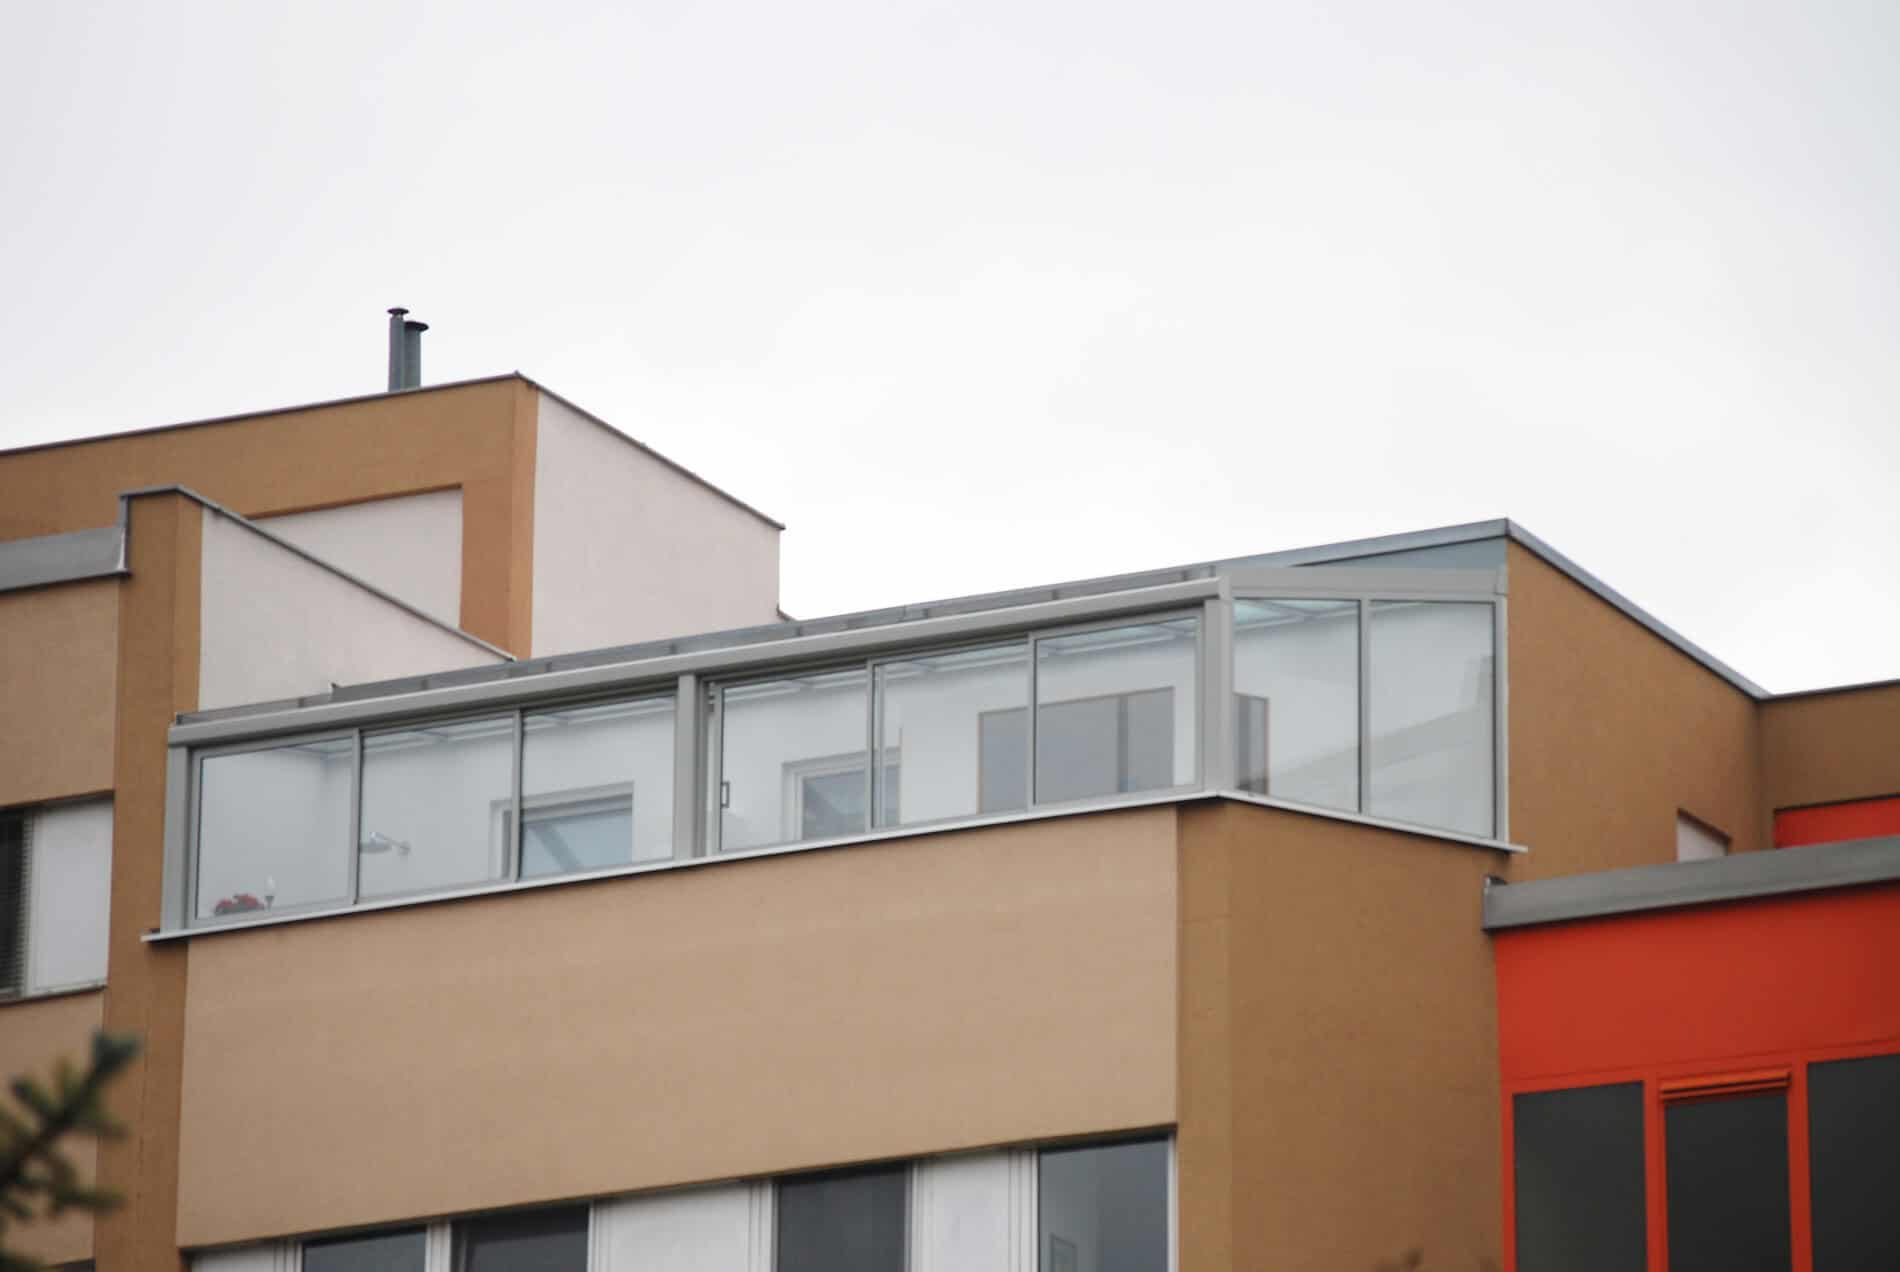 Wintergarten Schiebefenster Aluminium Glas